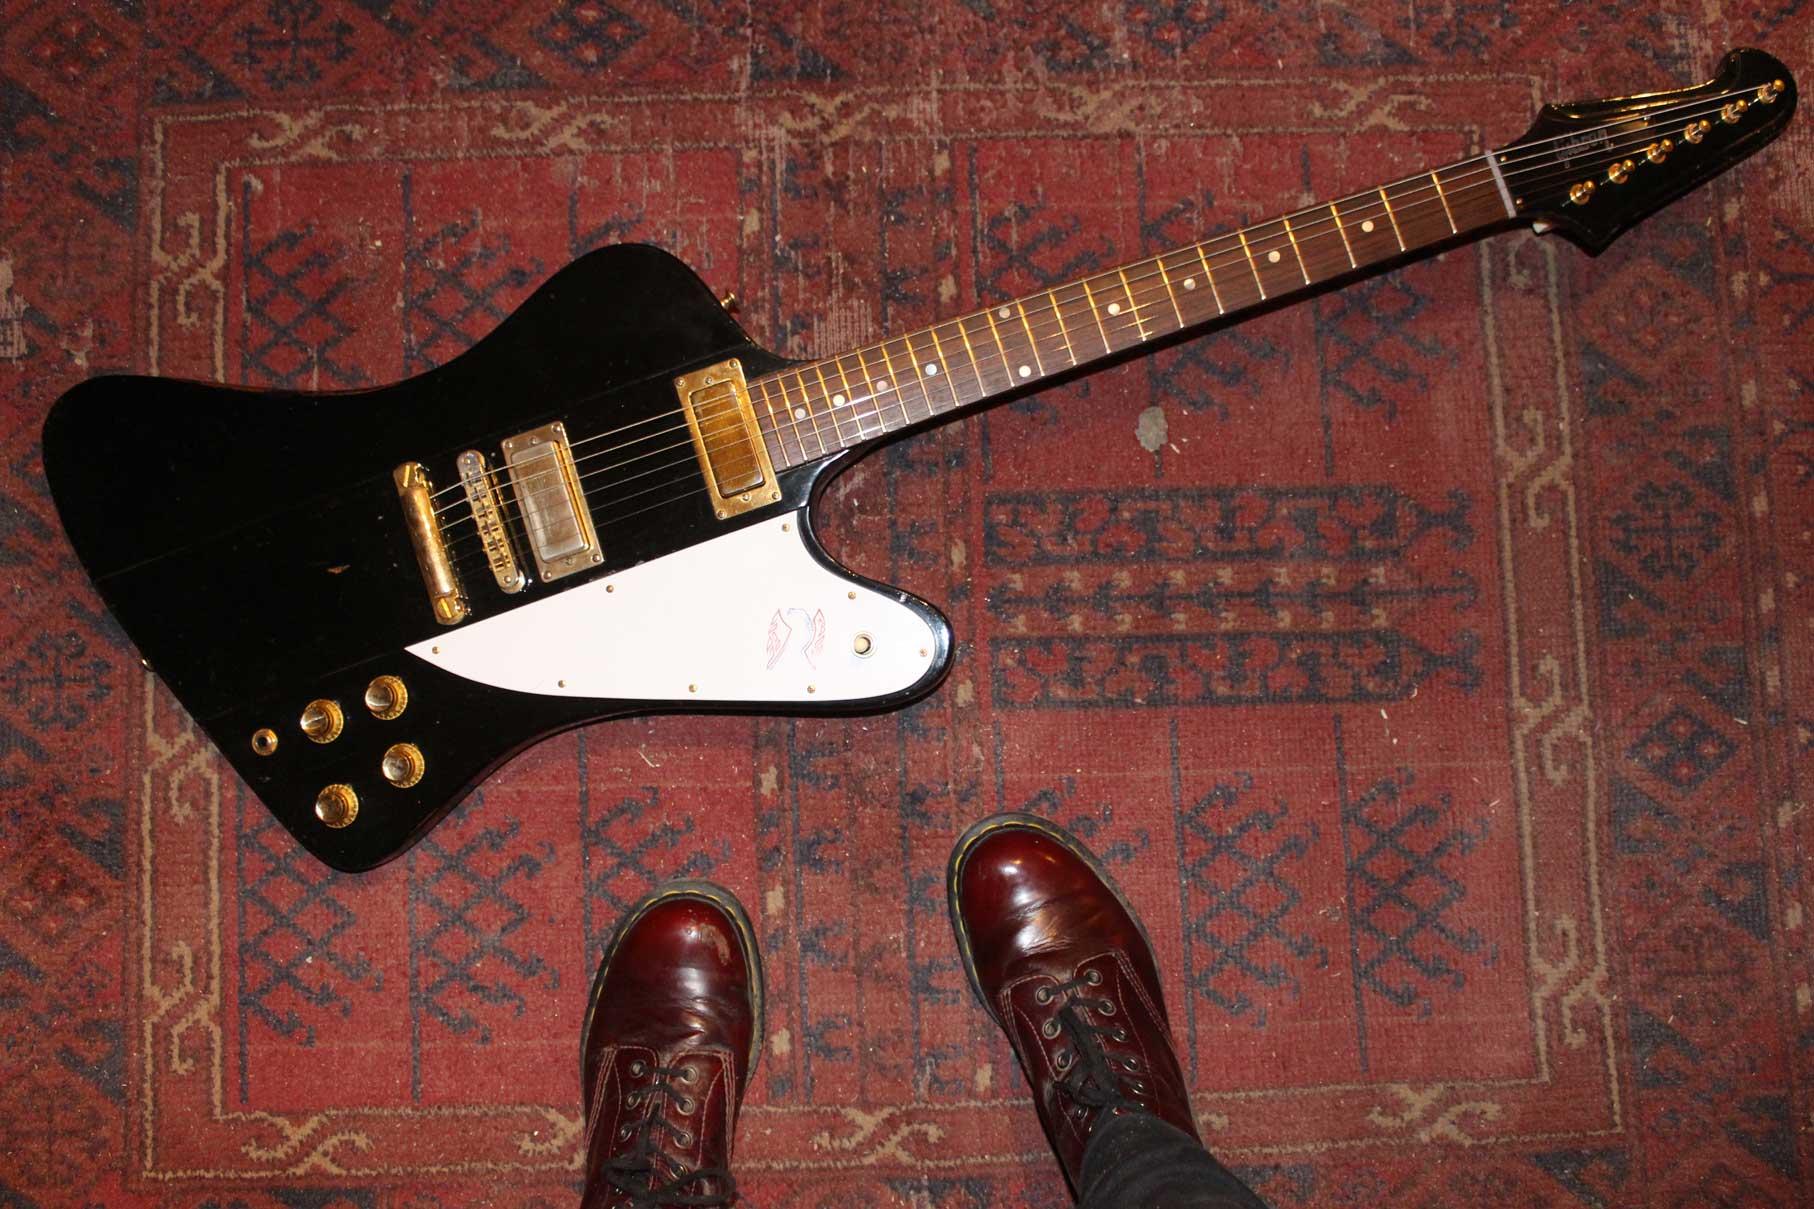 1976 Bicentennial Gibson Firebird